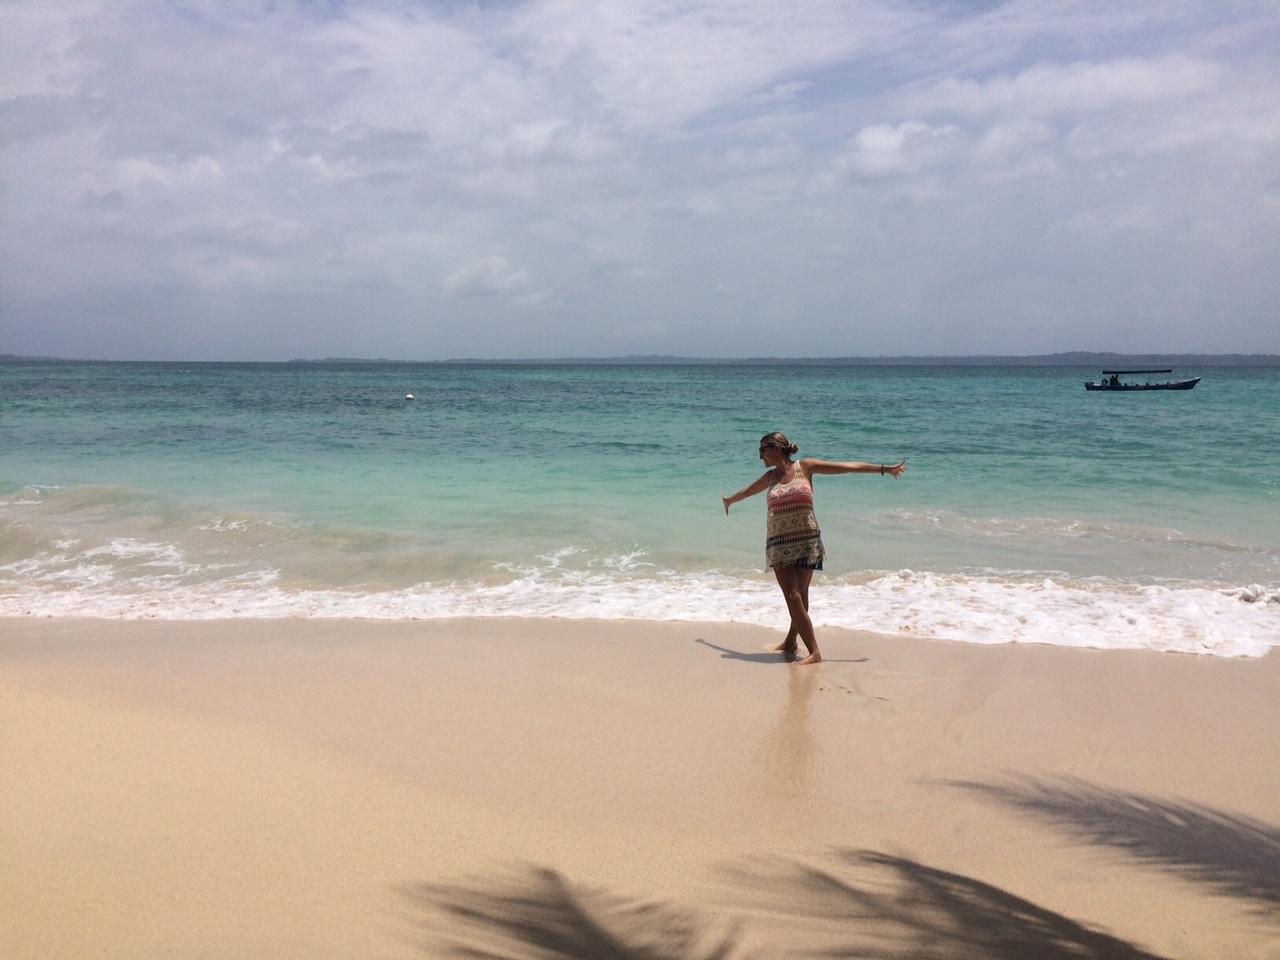 Que alegria! Água turquesinha e muito sol em Cayo Zapatilla